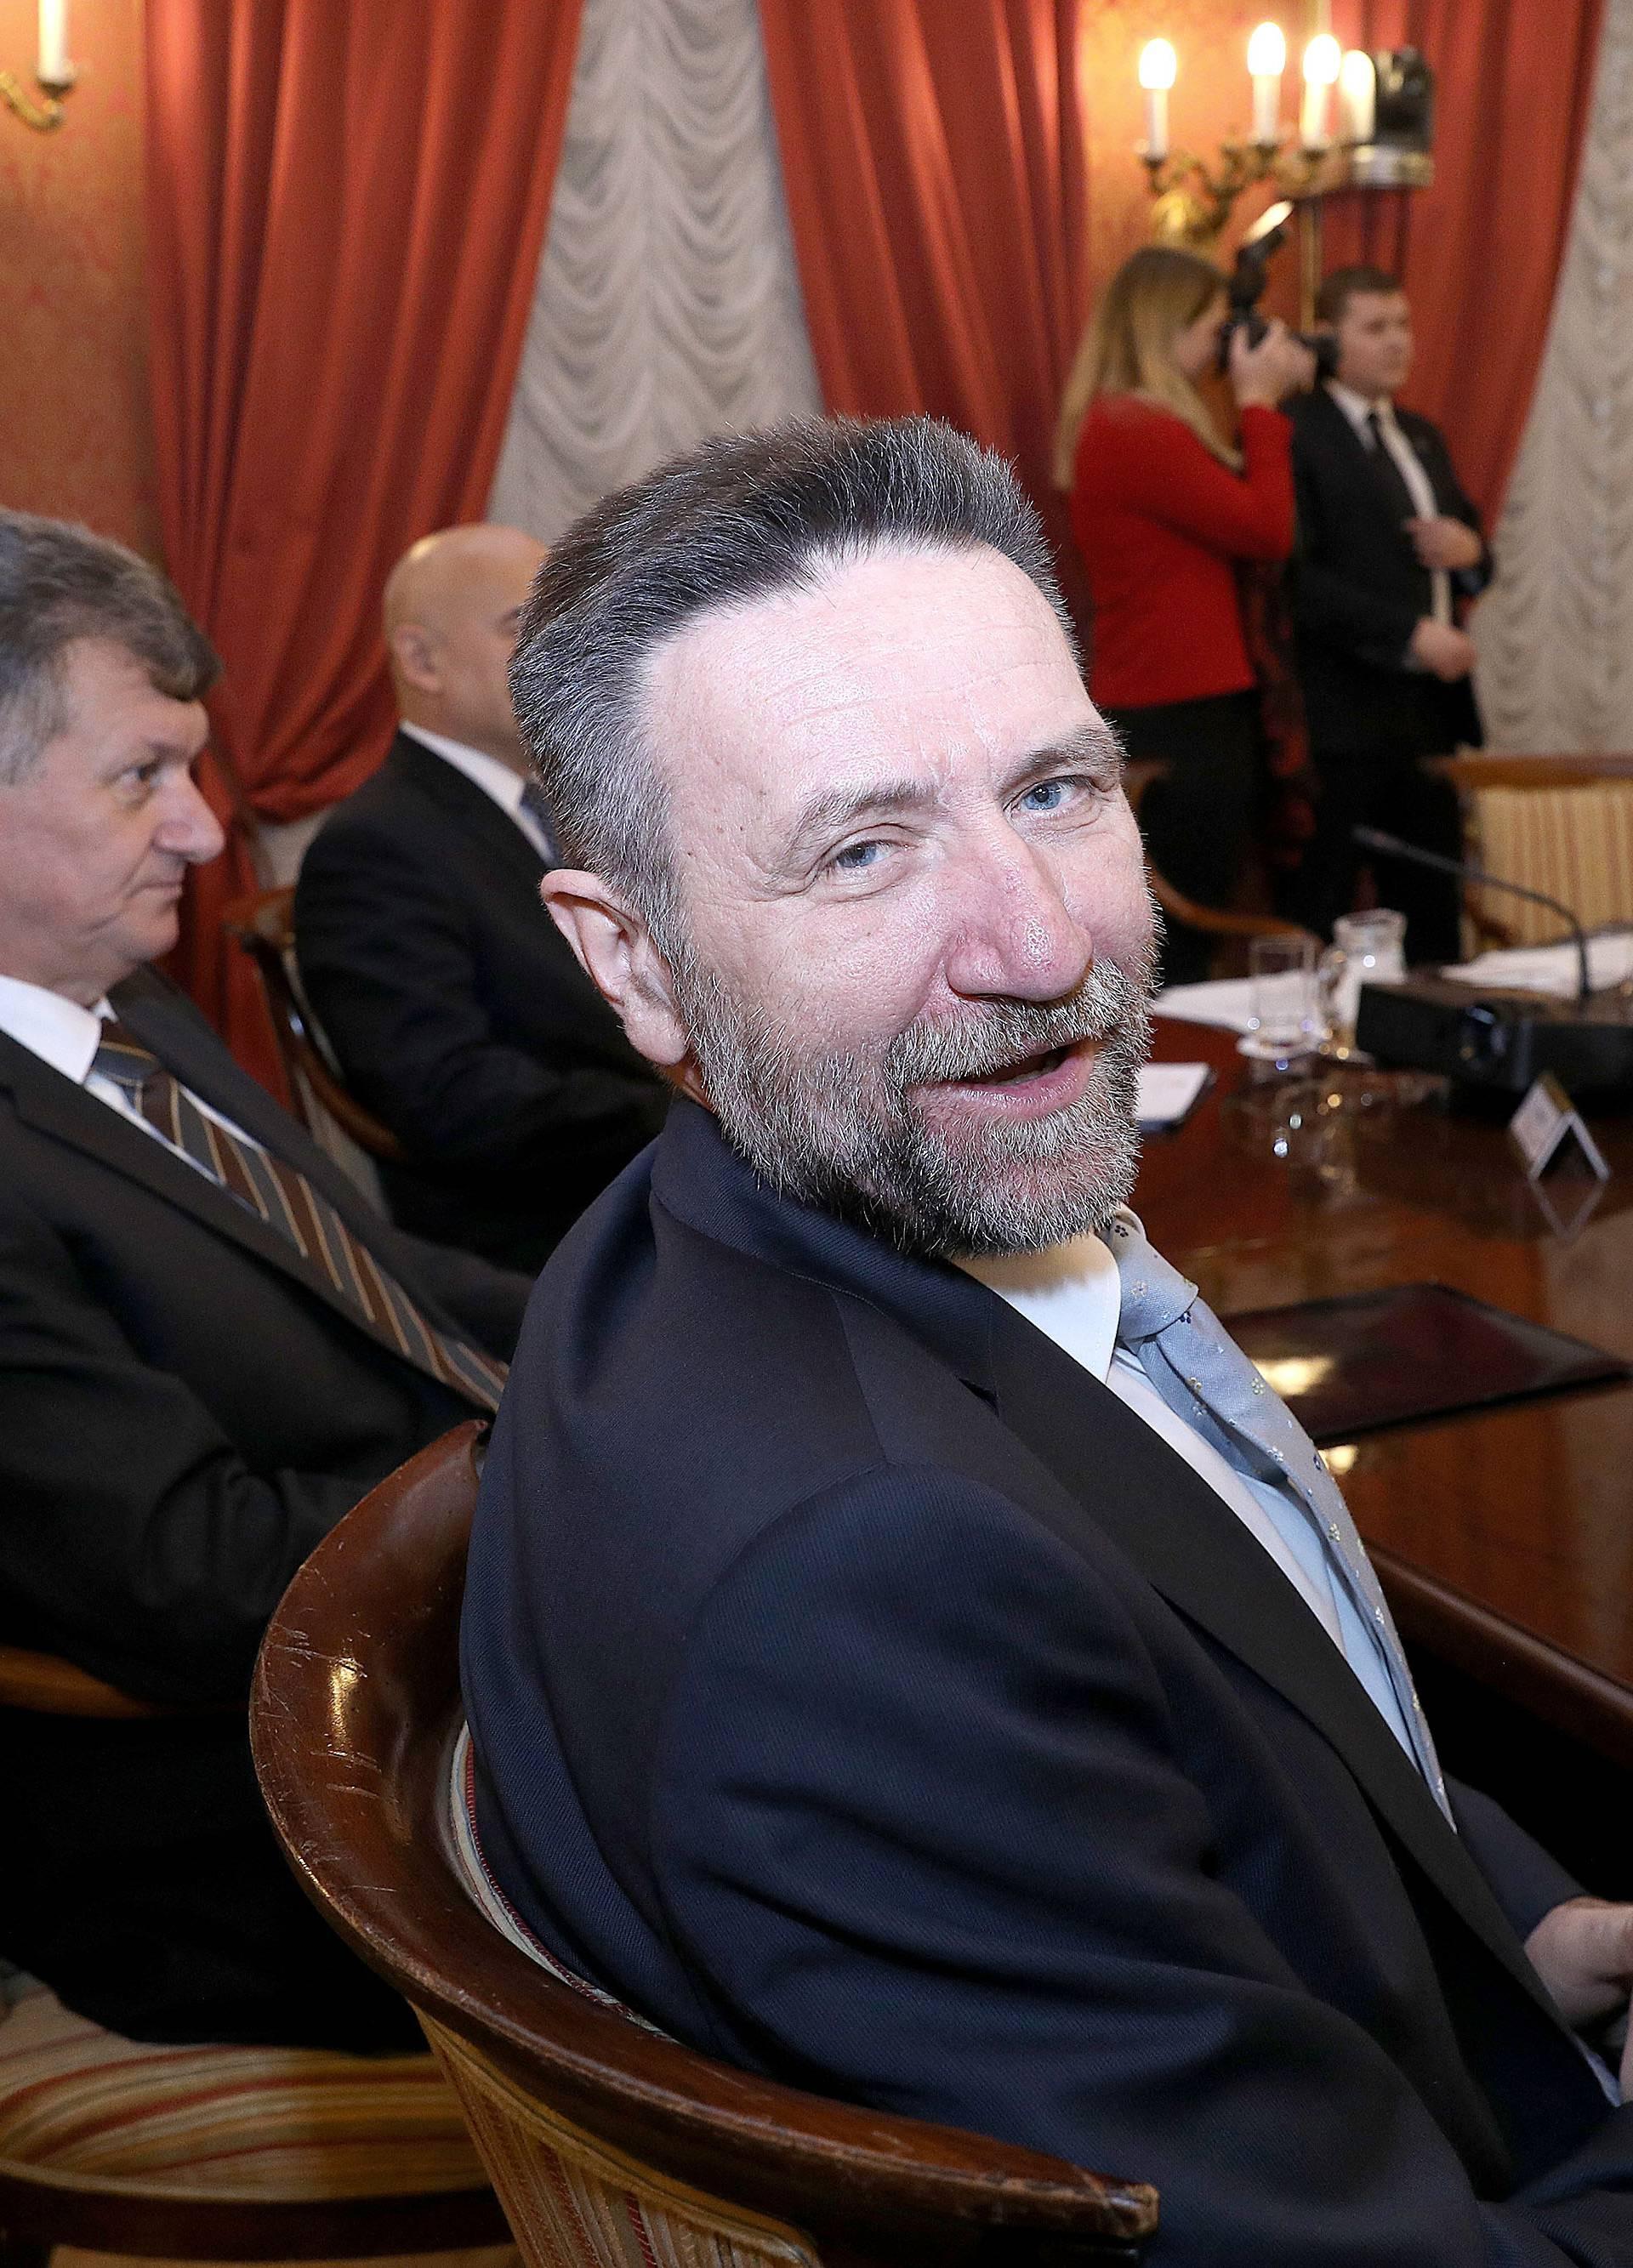 Sveučilište u Augsburgu: Dobili smo prijavu vezanu za Barišića